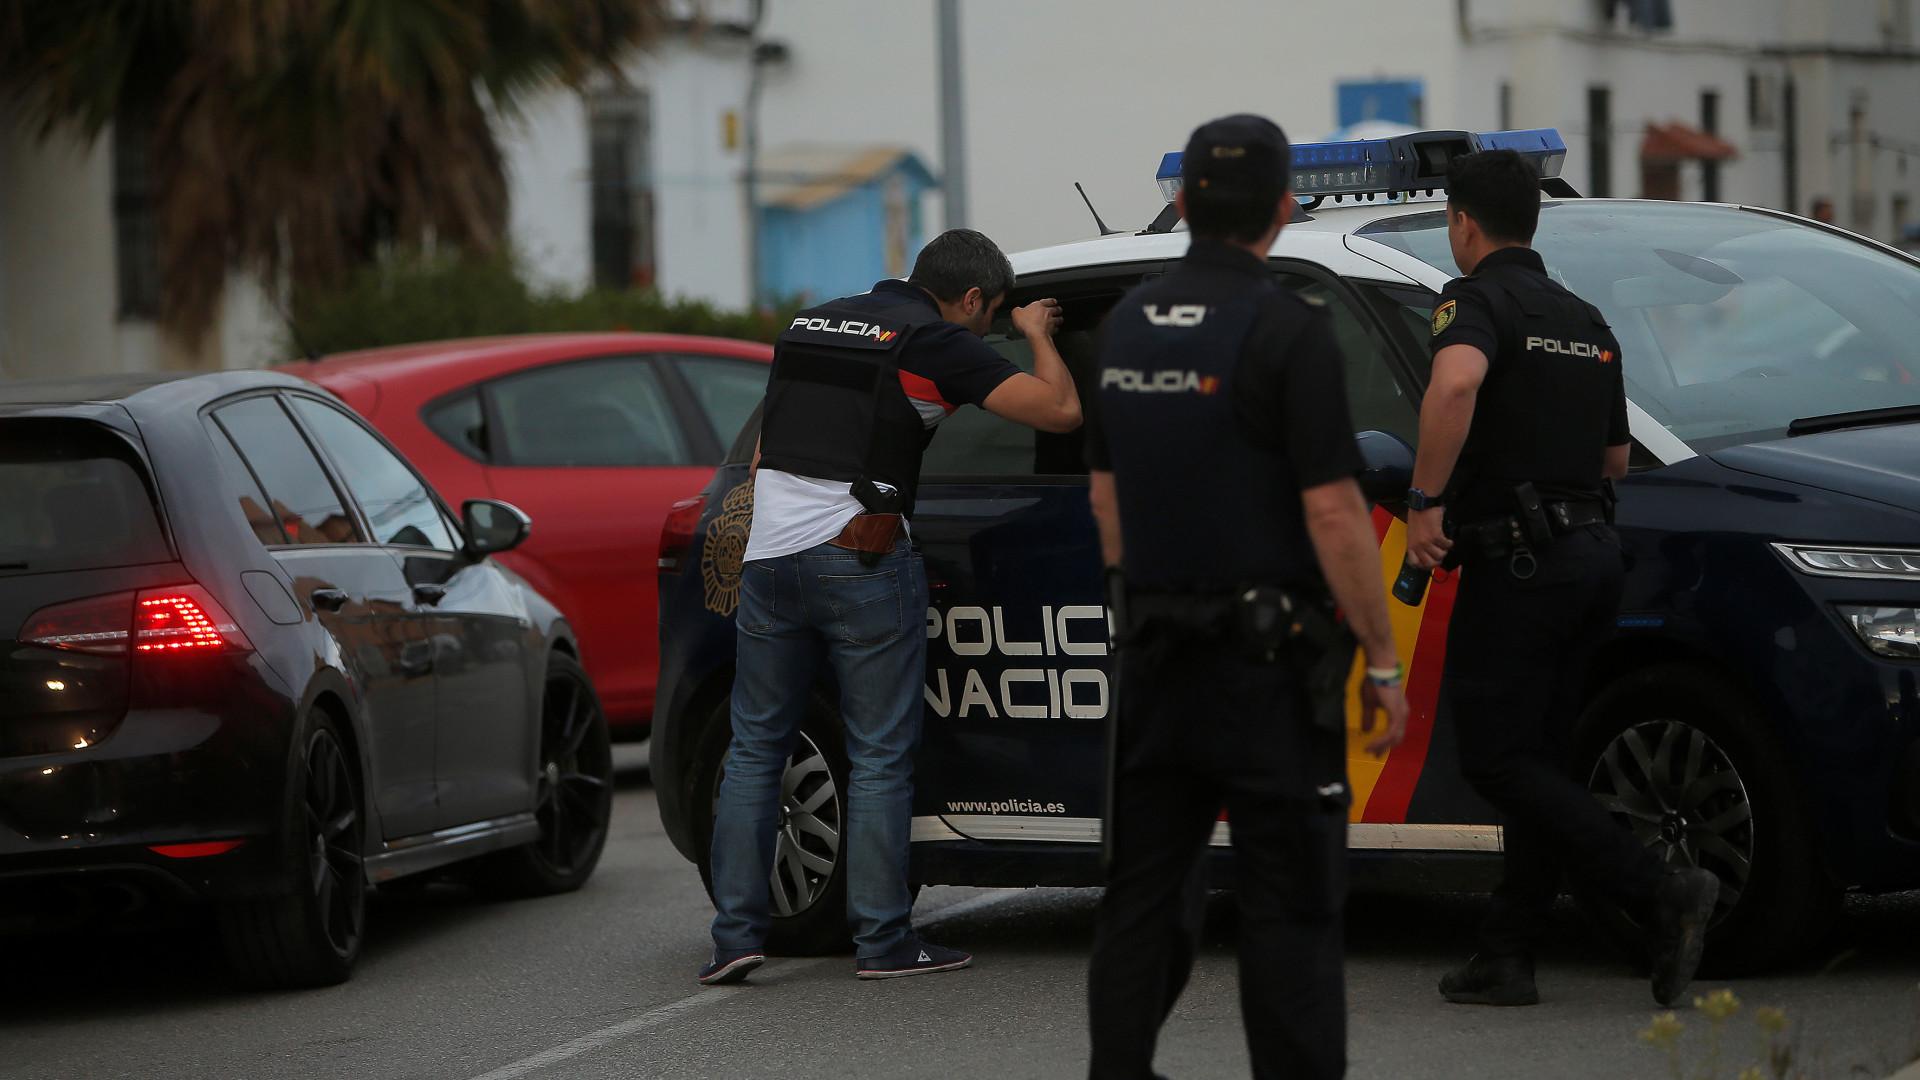 Português detido em Espanha por roubar turistas alemãs